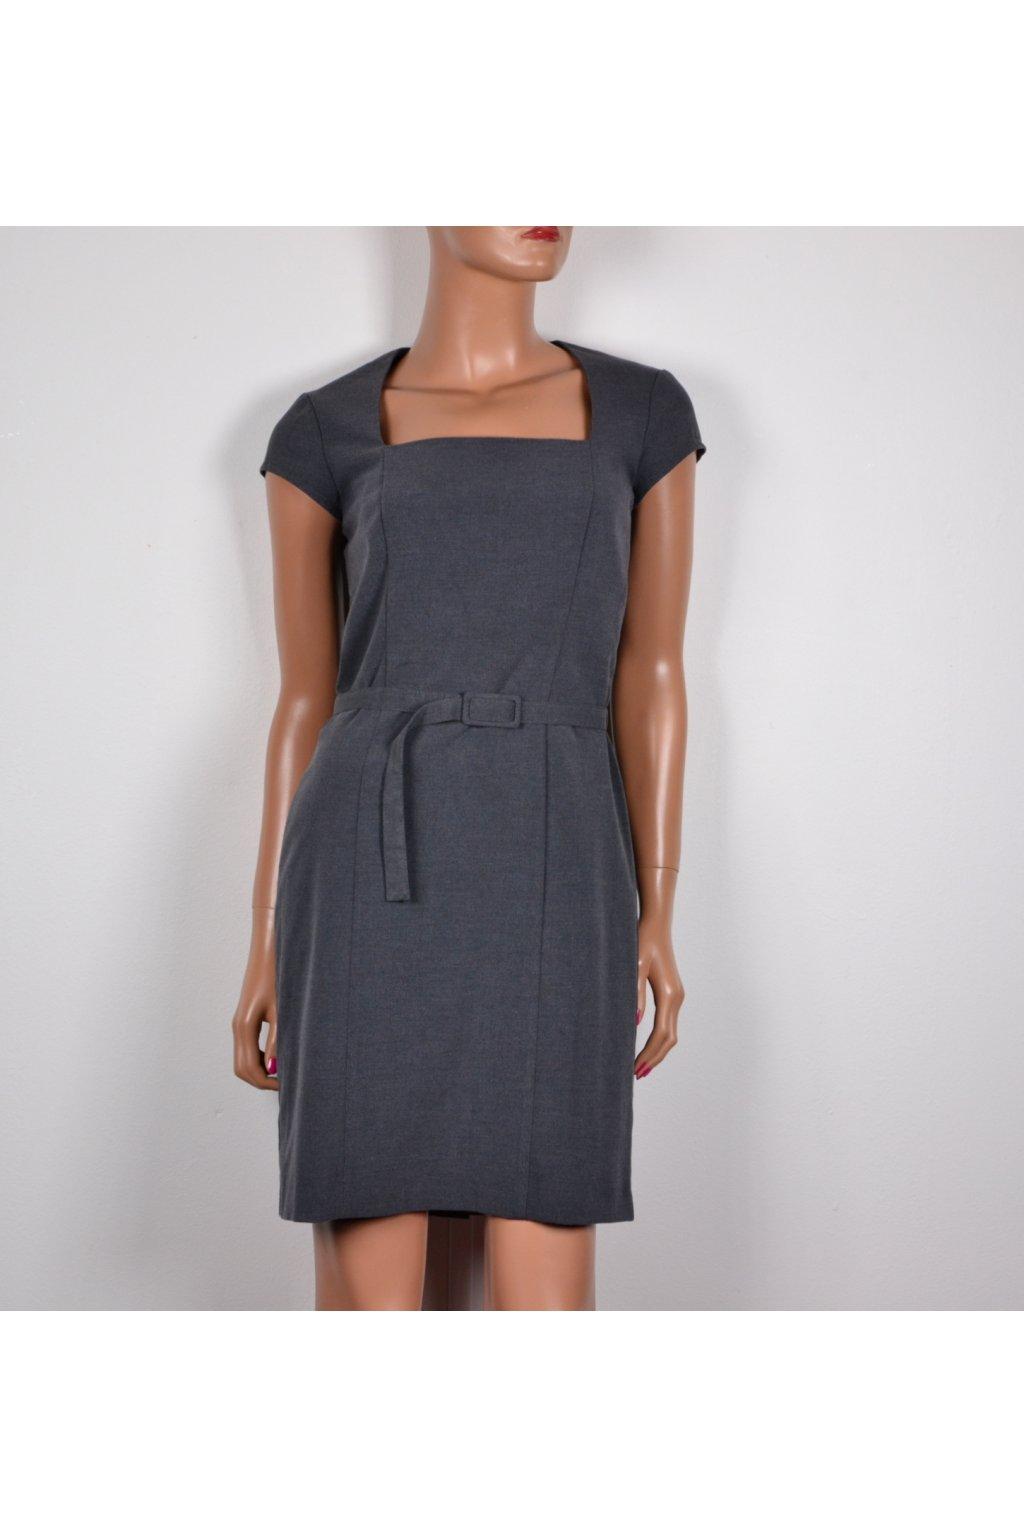 Šaty H&M vel S šedé